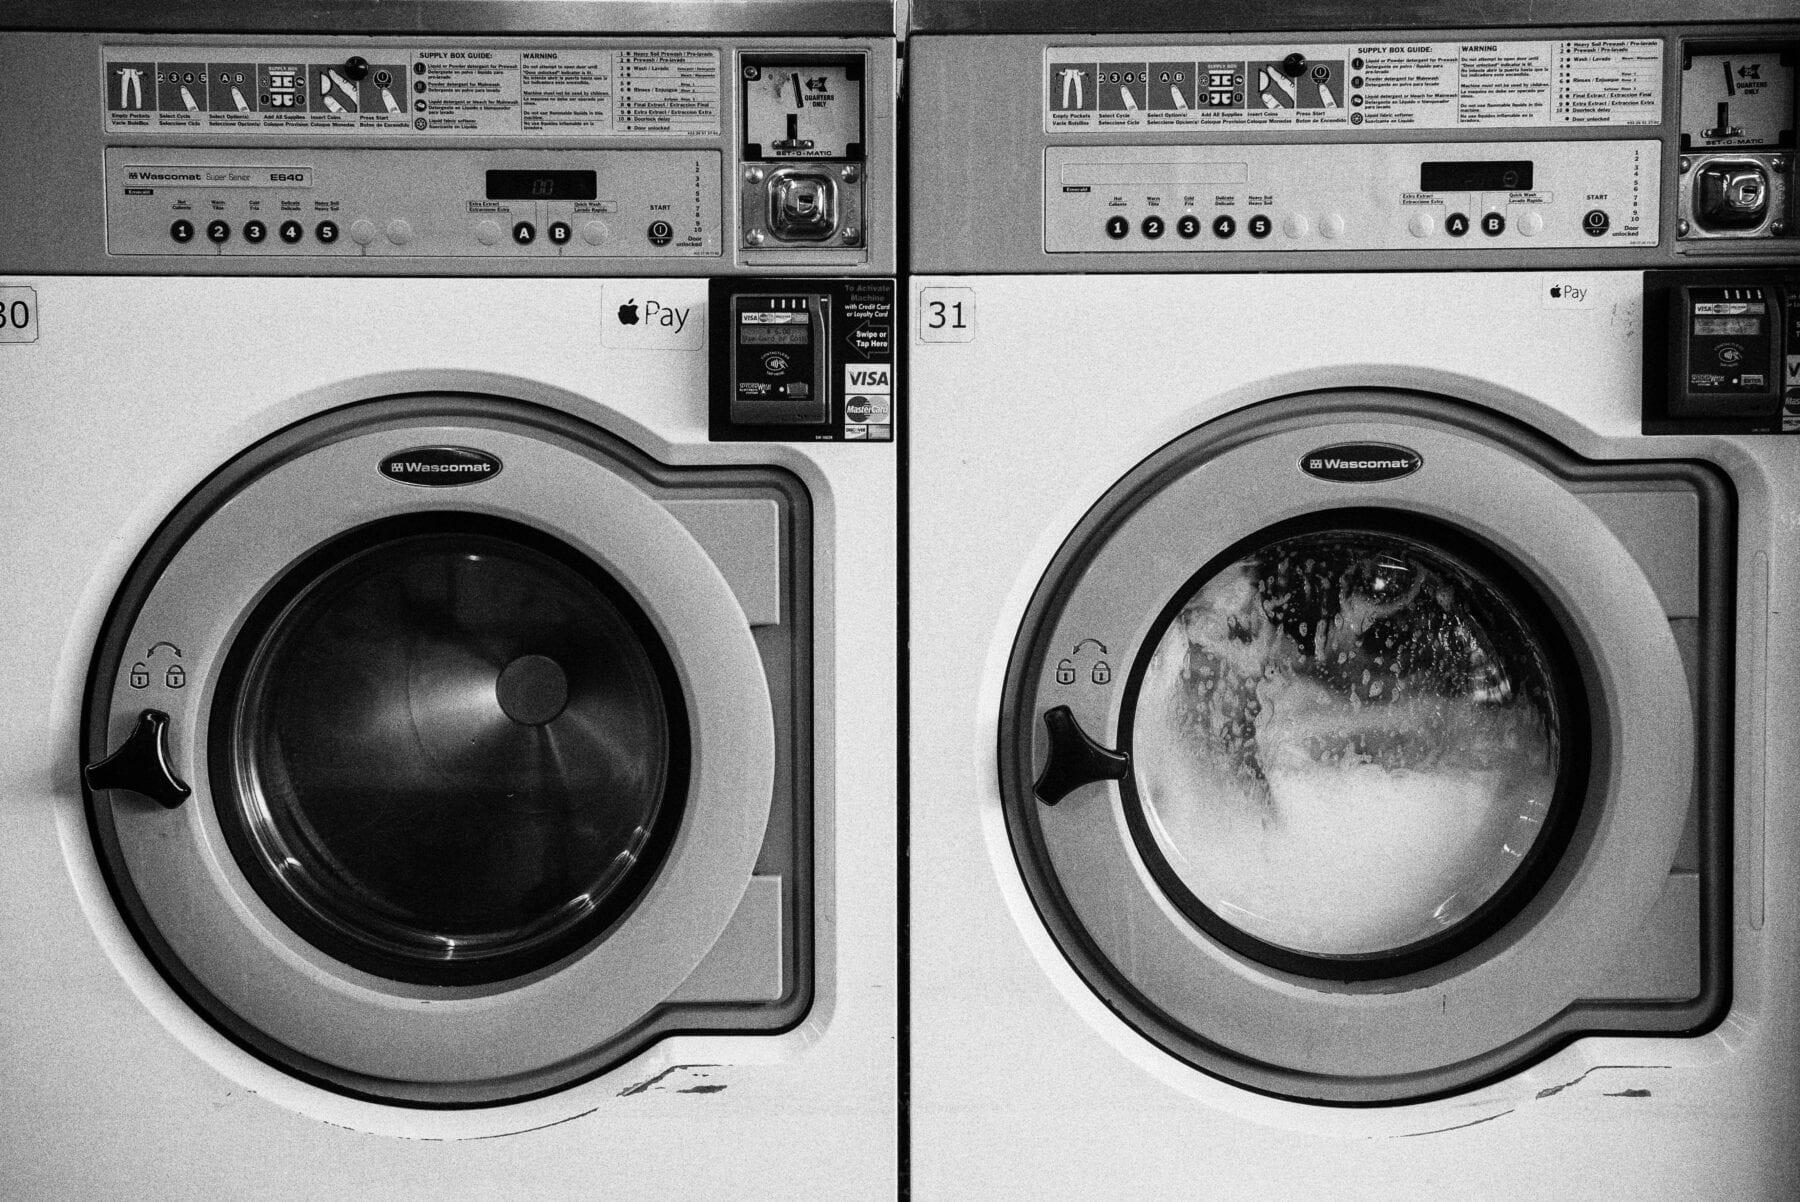 Synthetische kleding wassen